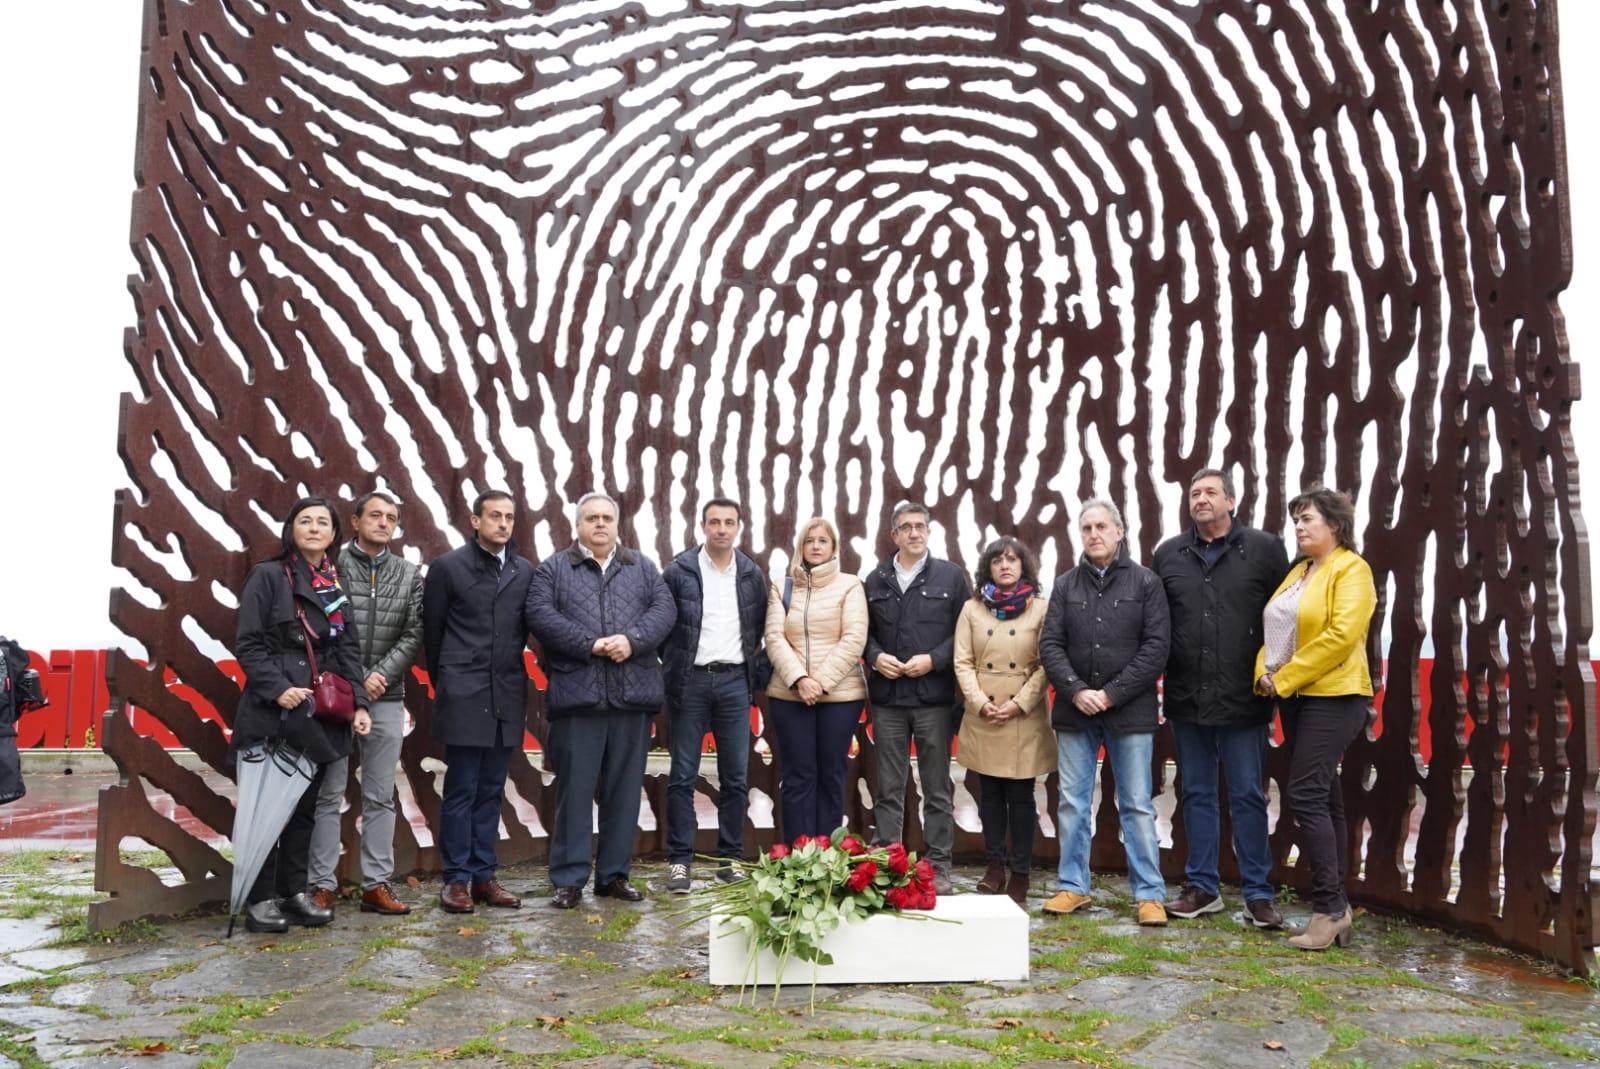 Ofrenda floral La Huella, homenaje víctimas franquismo